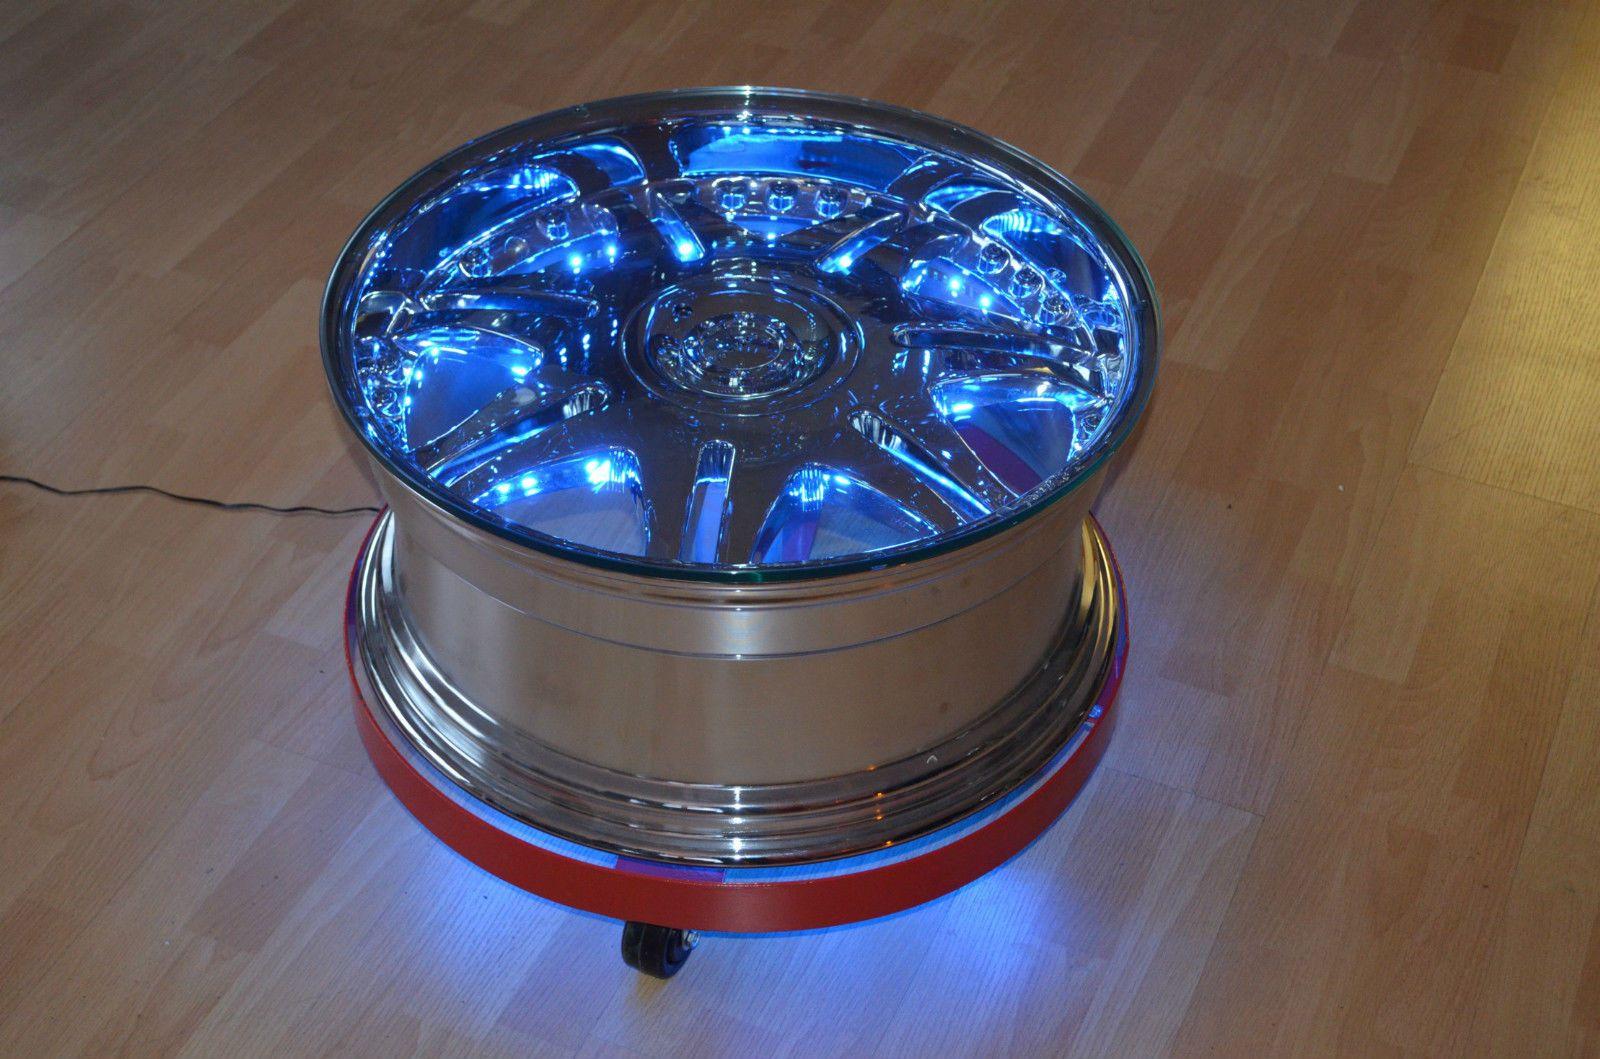 Felgentisch beleuchtet Felgen Reifen Tisch V8 Motortisch Zapfsäule ...